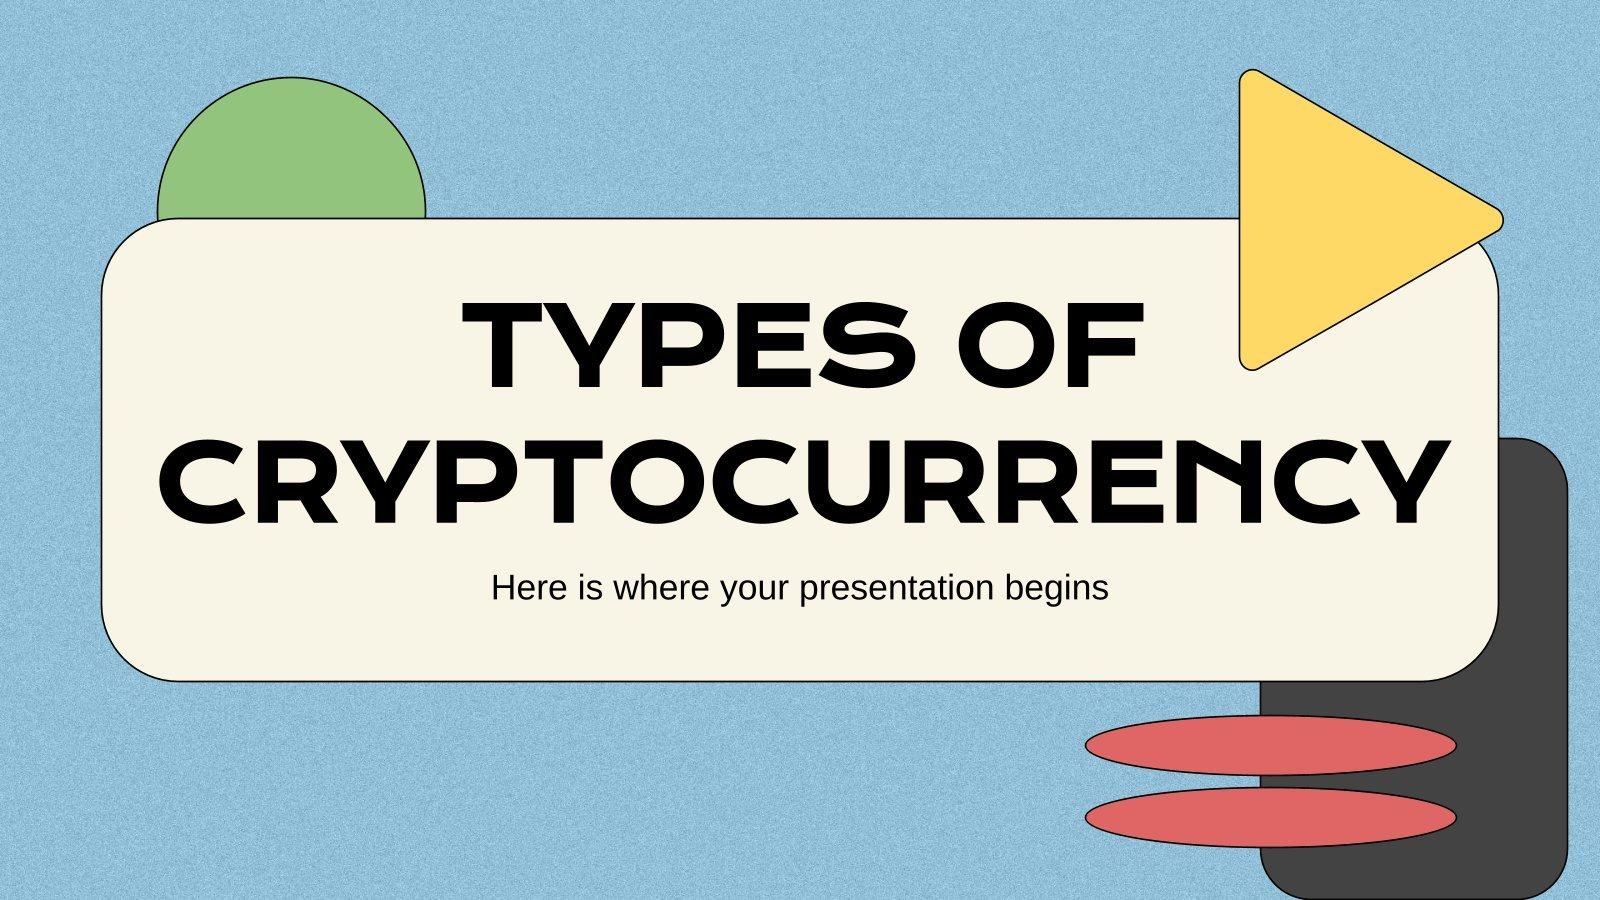 Arten von Kryptowährungen Präsentationsvorlage